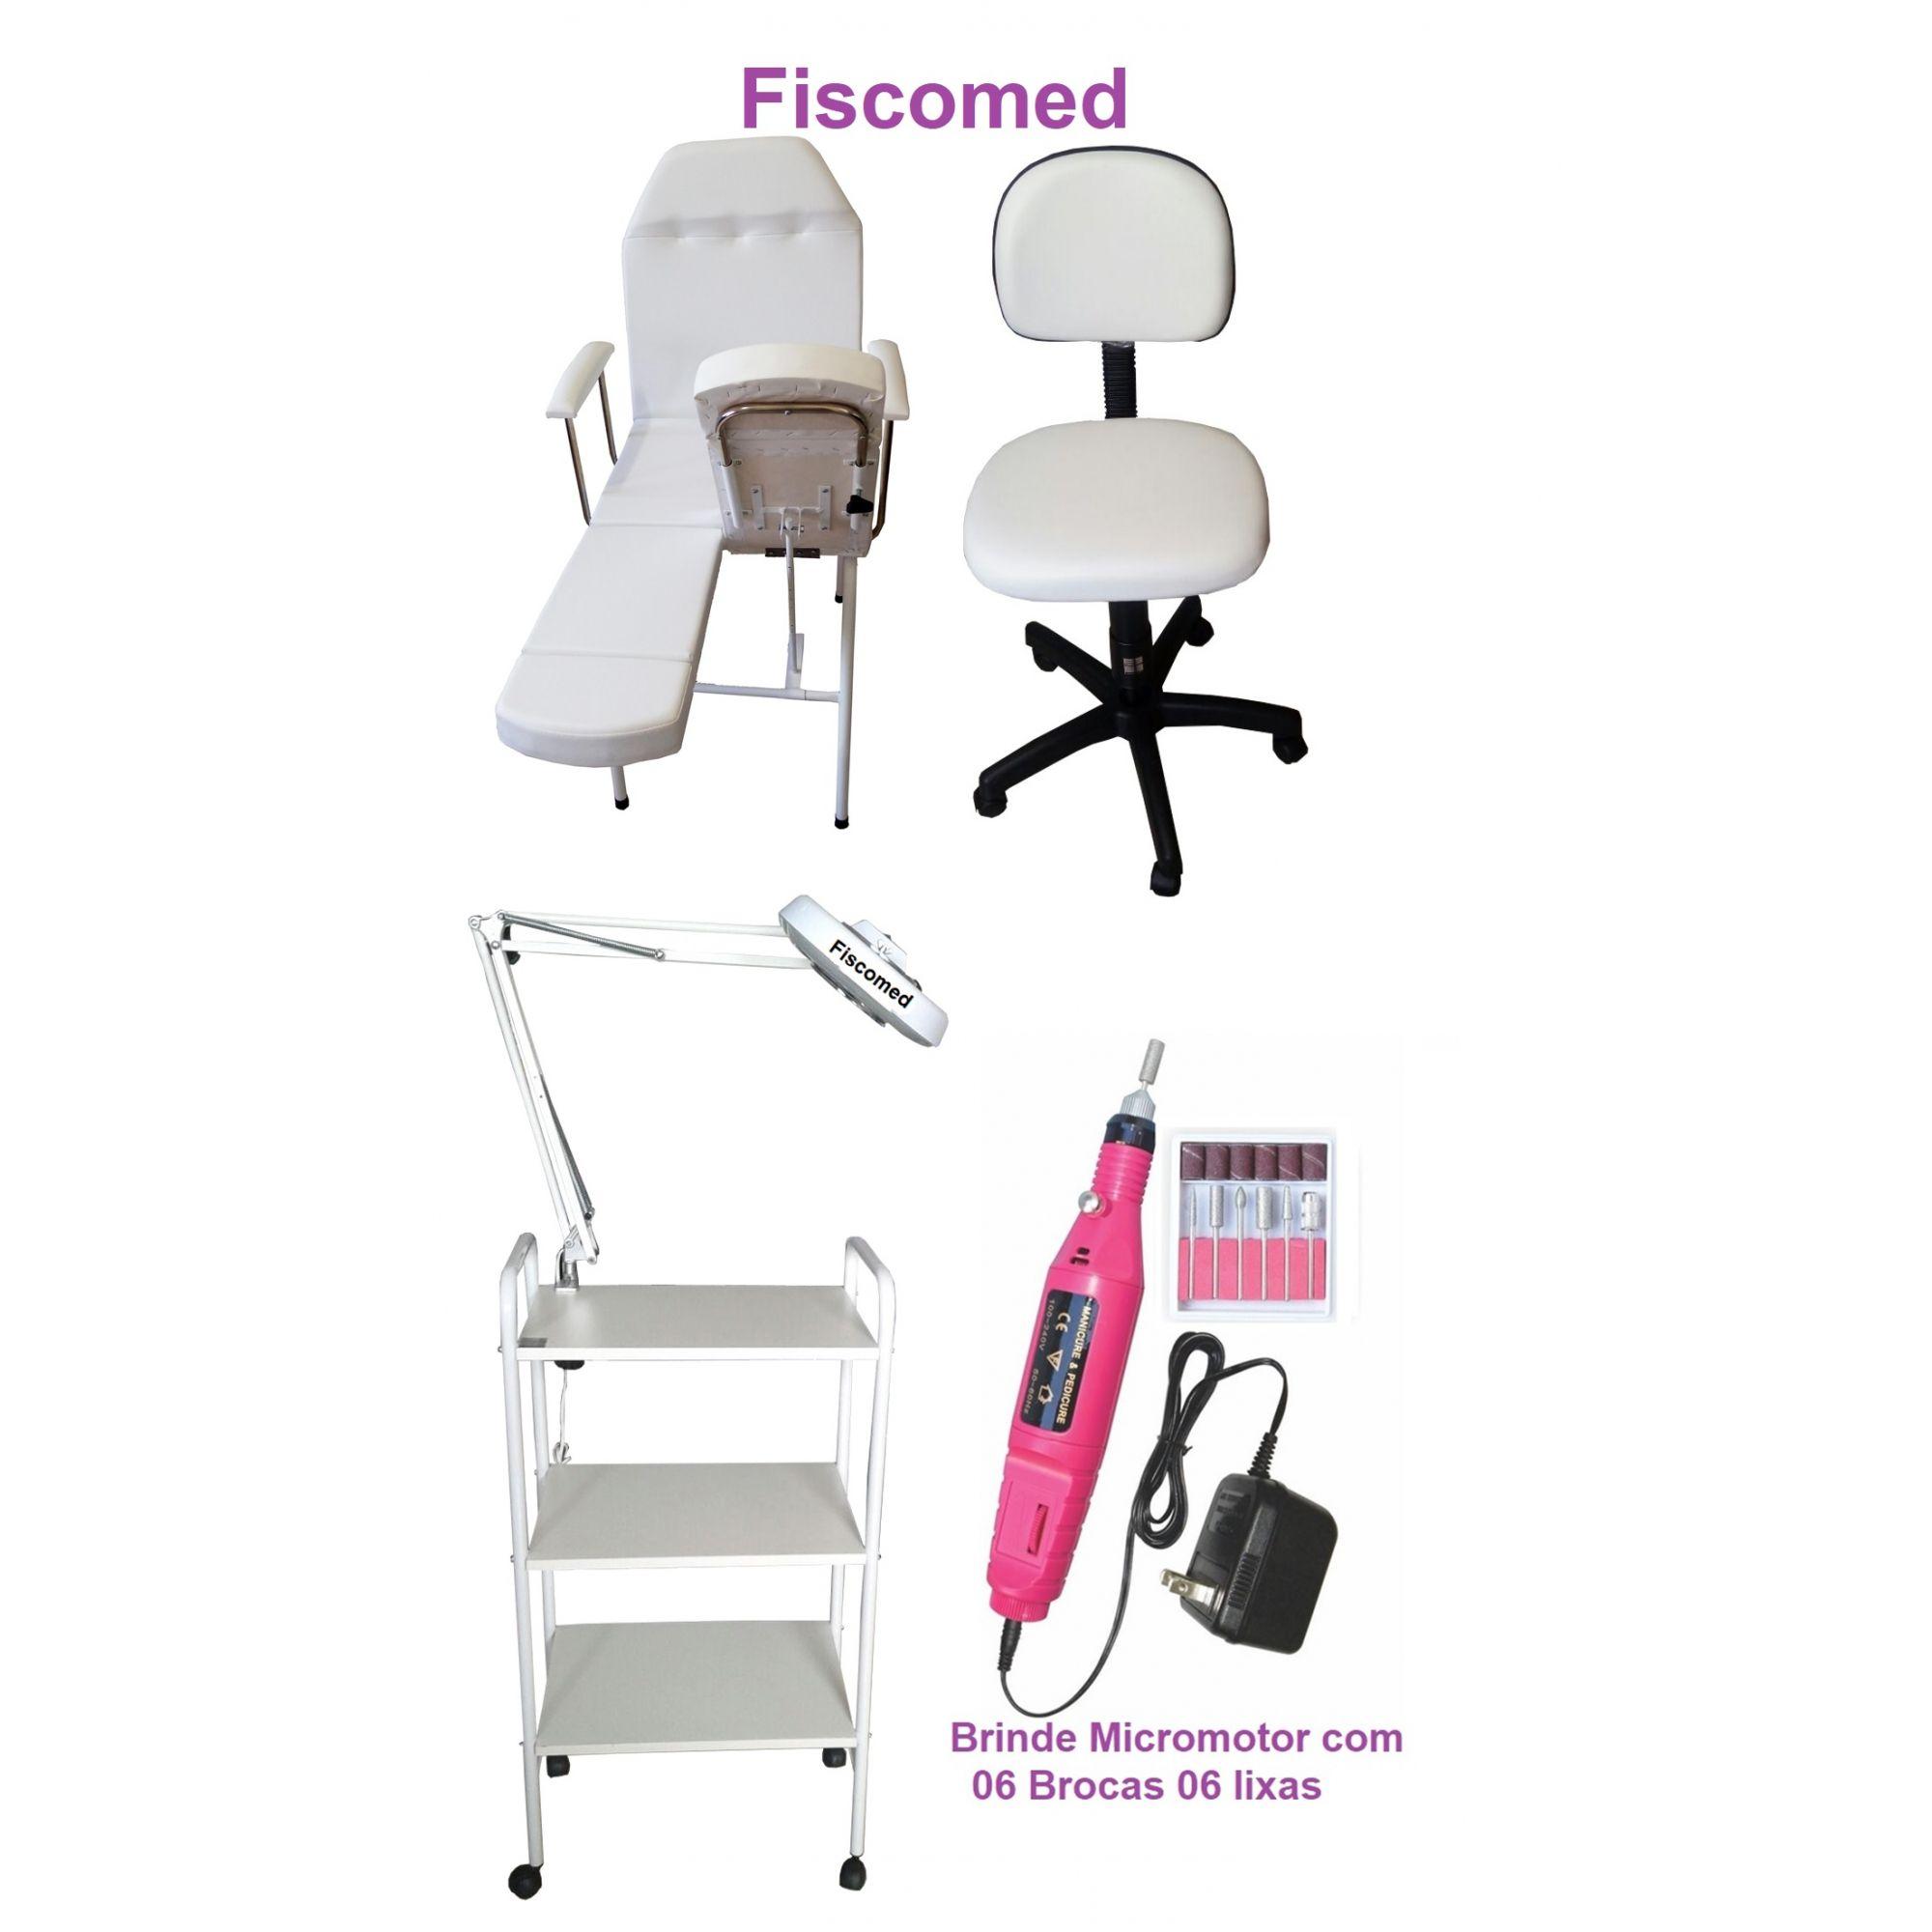 Kit Para Podologia Cadeira, Luminária com Exaustor, Carrinho e Mocho Brinde Micromotor